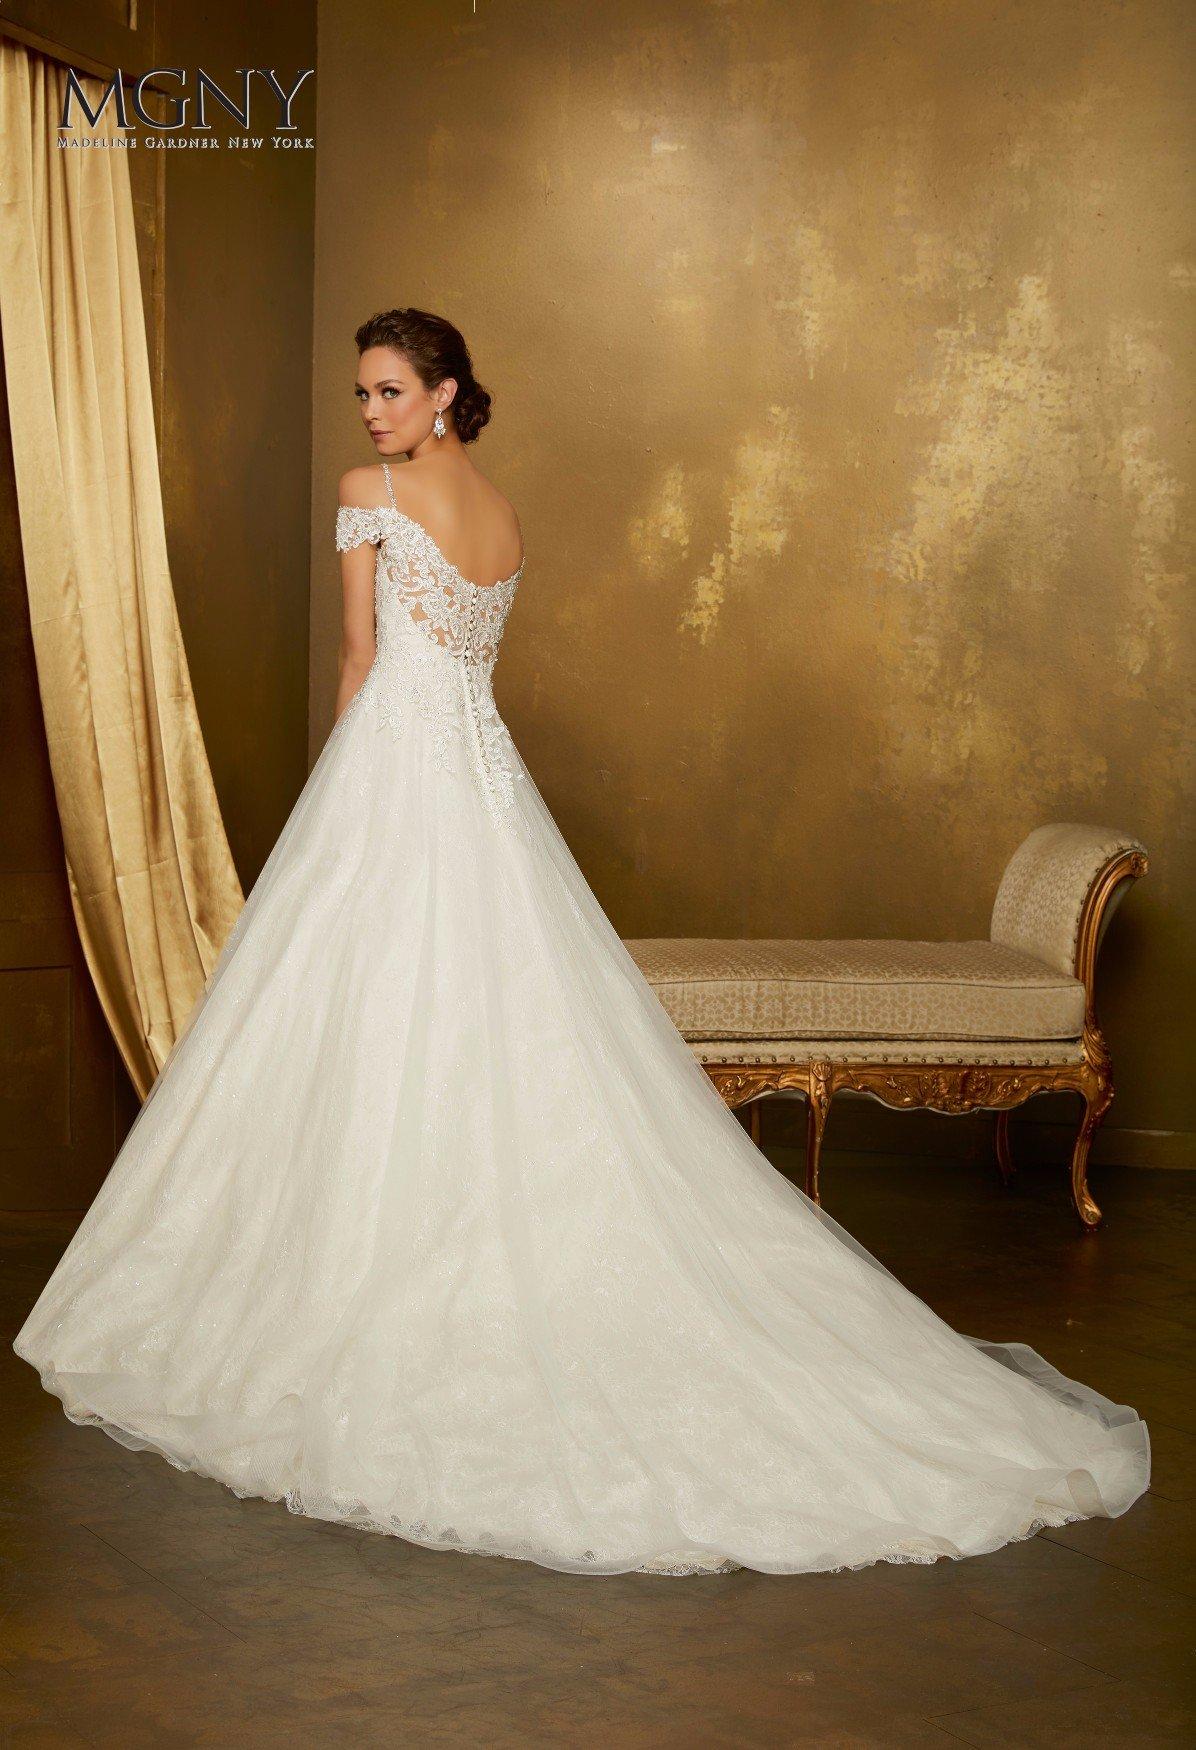 Elegante abito da sposa bianco pronto per il matrimonio